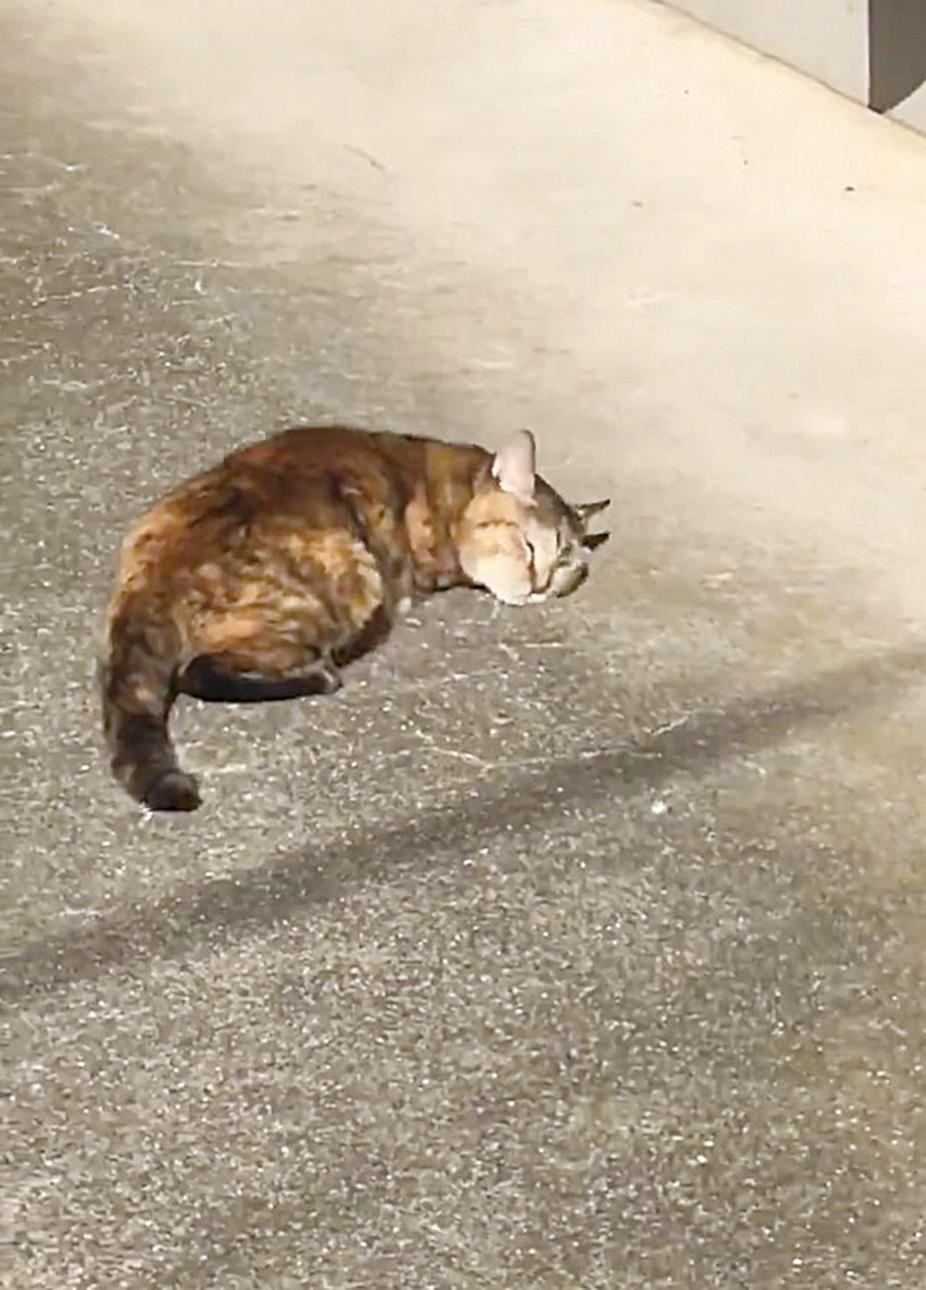 日本網友soshikihakase帶貓貓曬太陽,貓貓陶醉在溫暖的陽光下,忘情地在地上翻滾、翻滾再翻滾,連續翻滾了超過20秒的時間,那副興奮又自在的樣子融化了眾多網友的心。(@soshikihakase /Twitter)